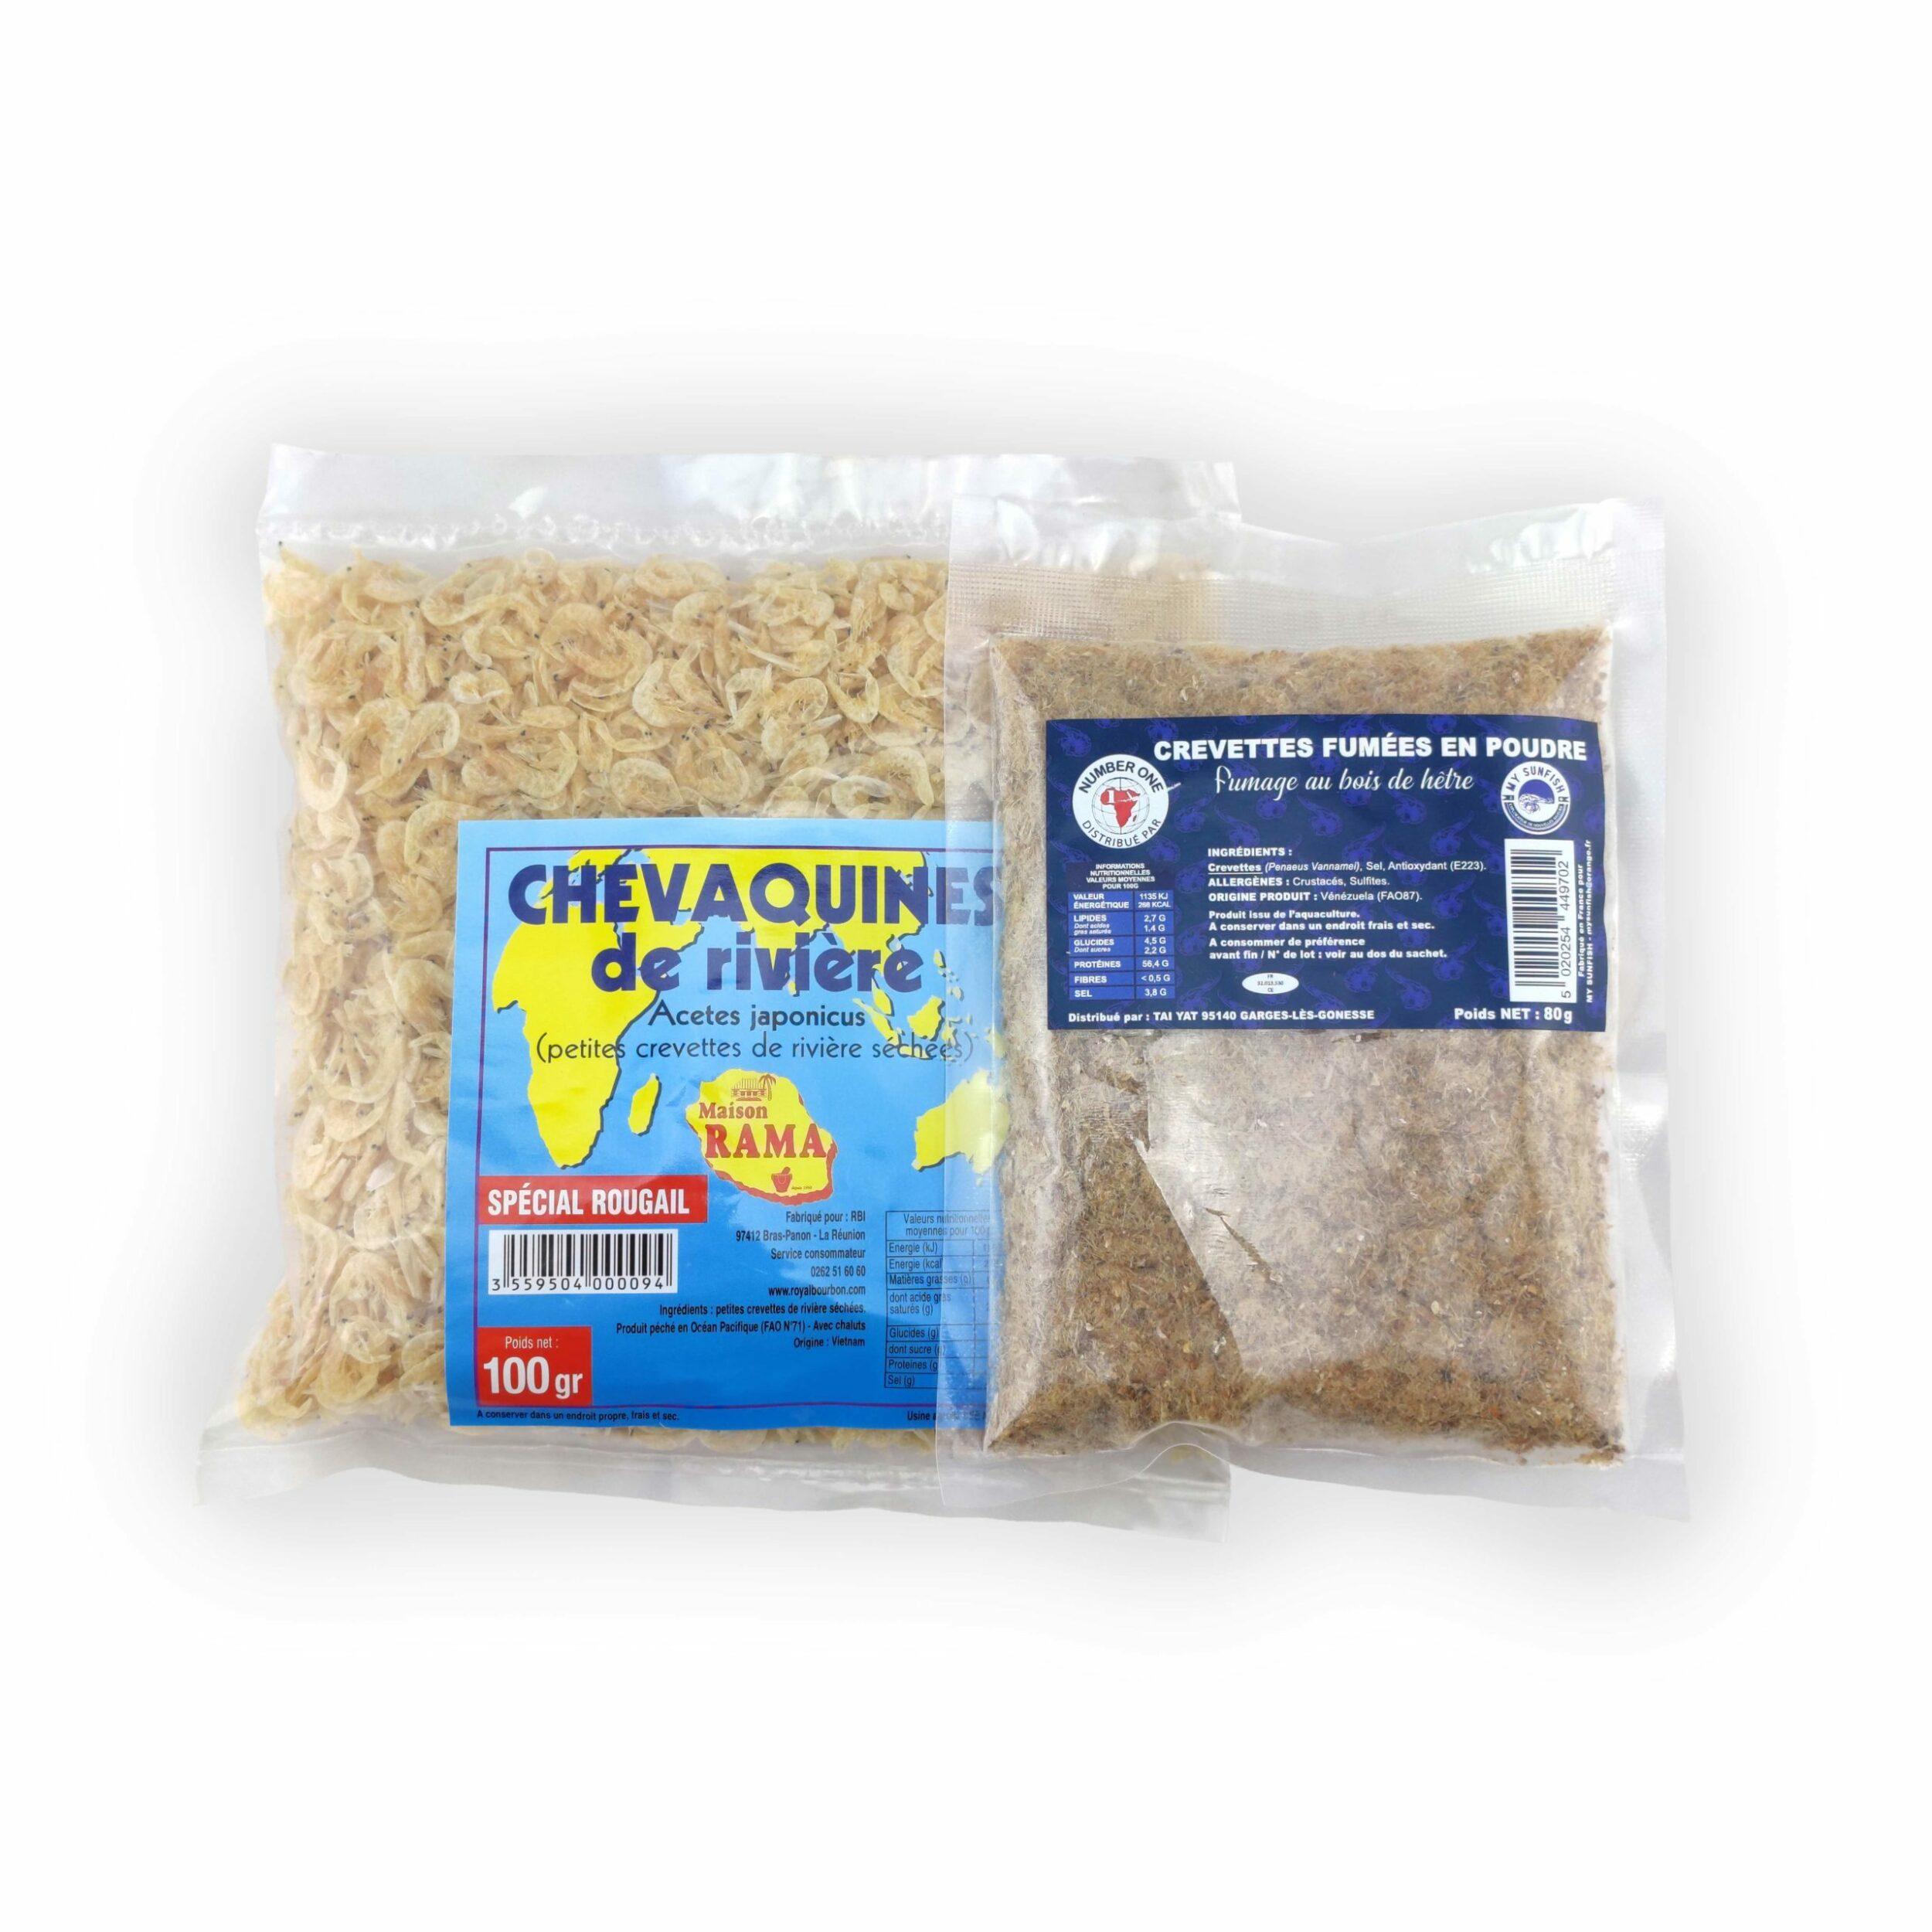 crevettes-fumees-poudres-chevaquine-crevettes-sechees-80g-100g-site-web-moushenco